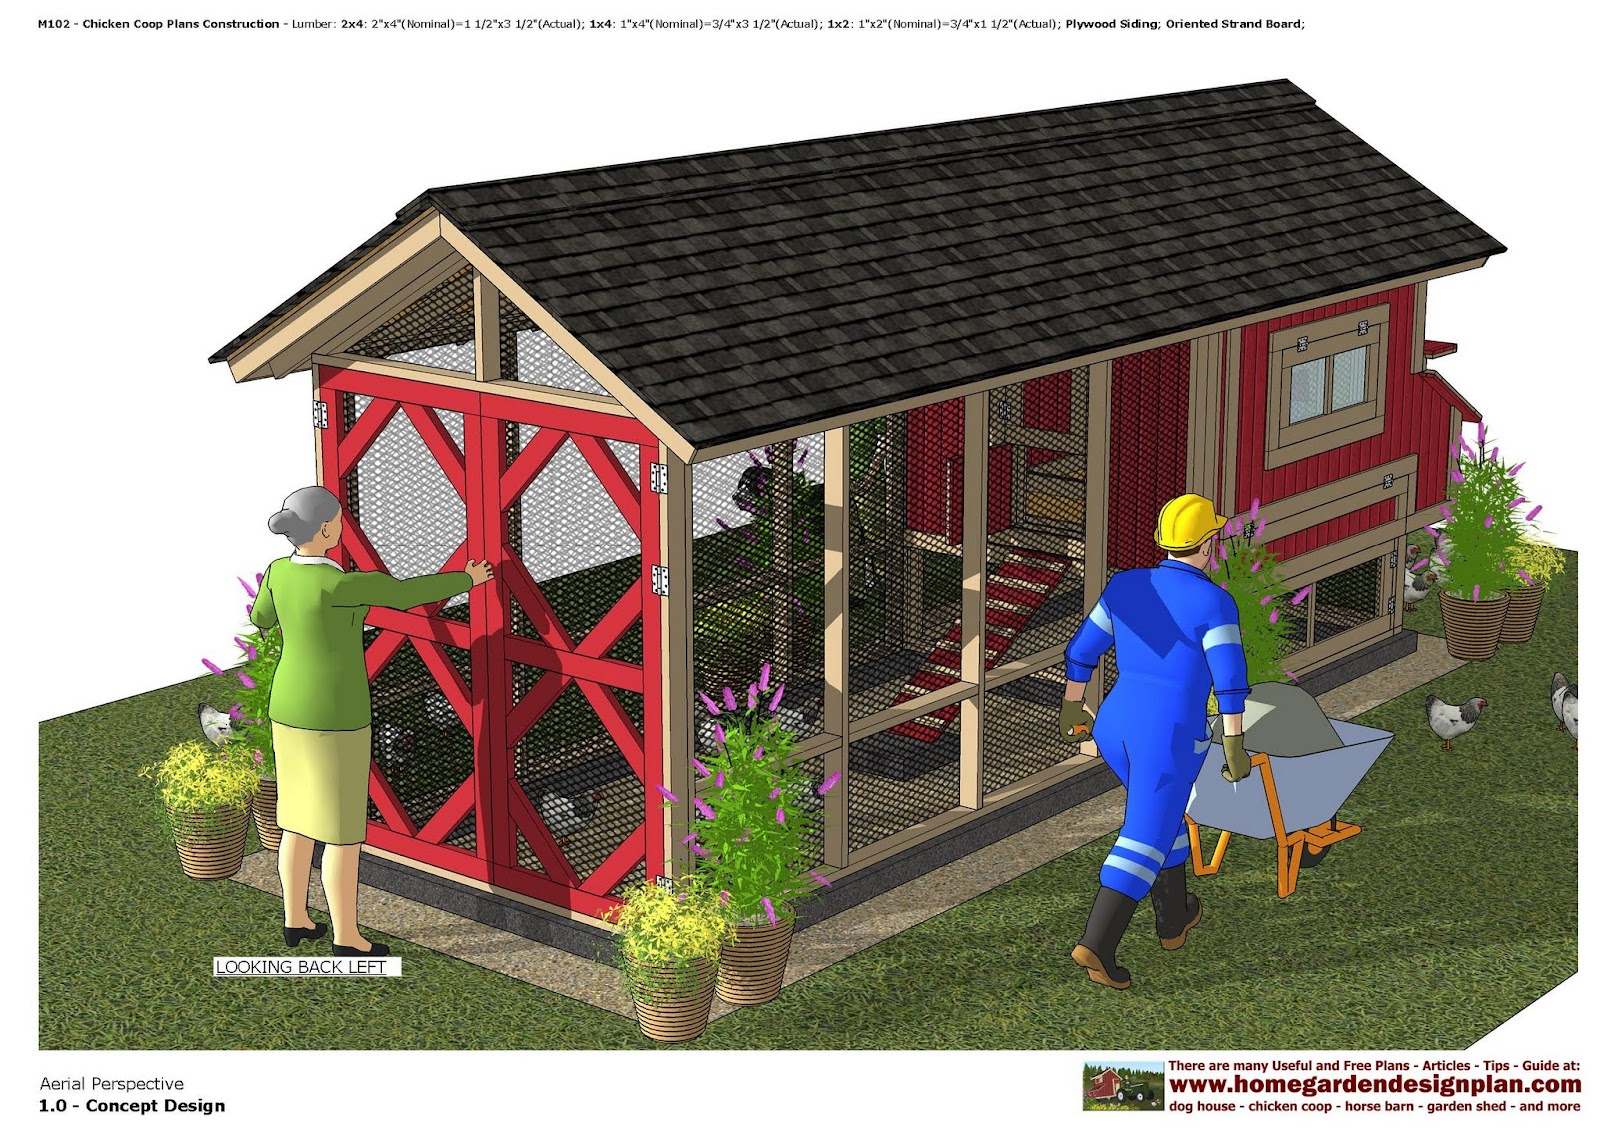 home garden plans M102 Chicken Coop Plans Construction Chicken – Chicken Coop With Garden Roof Plans